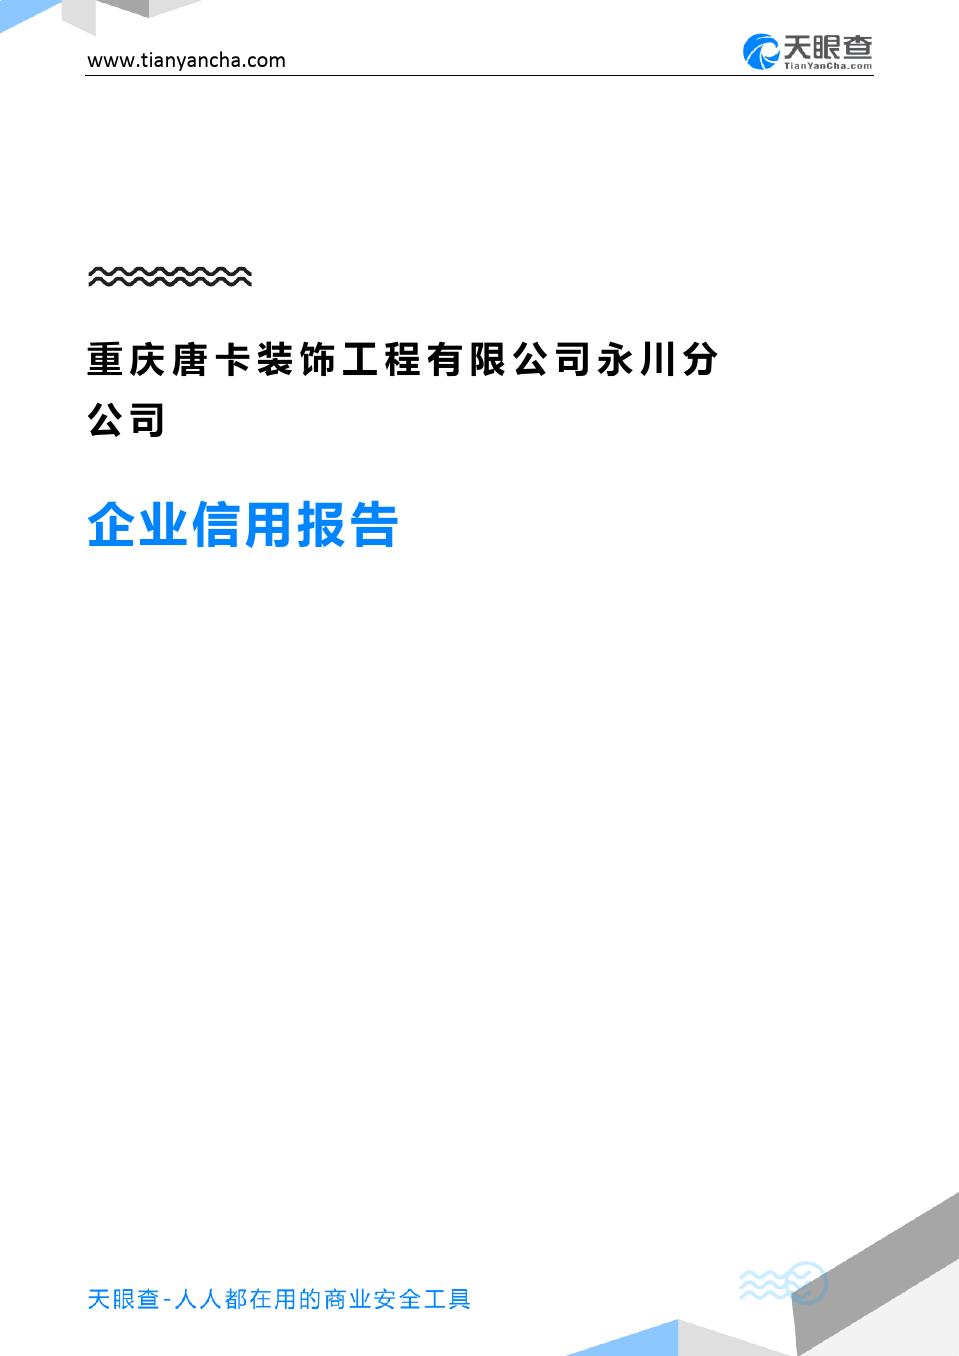 重庆唐卡装饰工程有限公司永川分公司(企业信用报告)- 天眼查